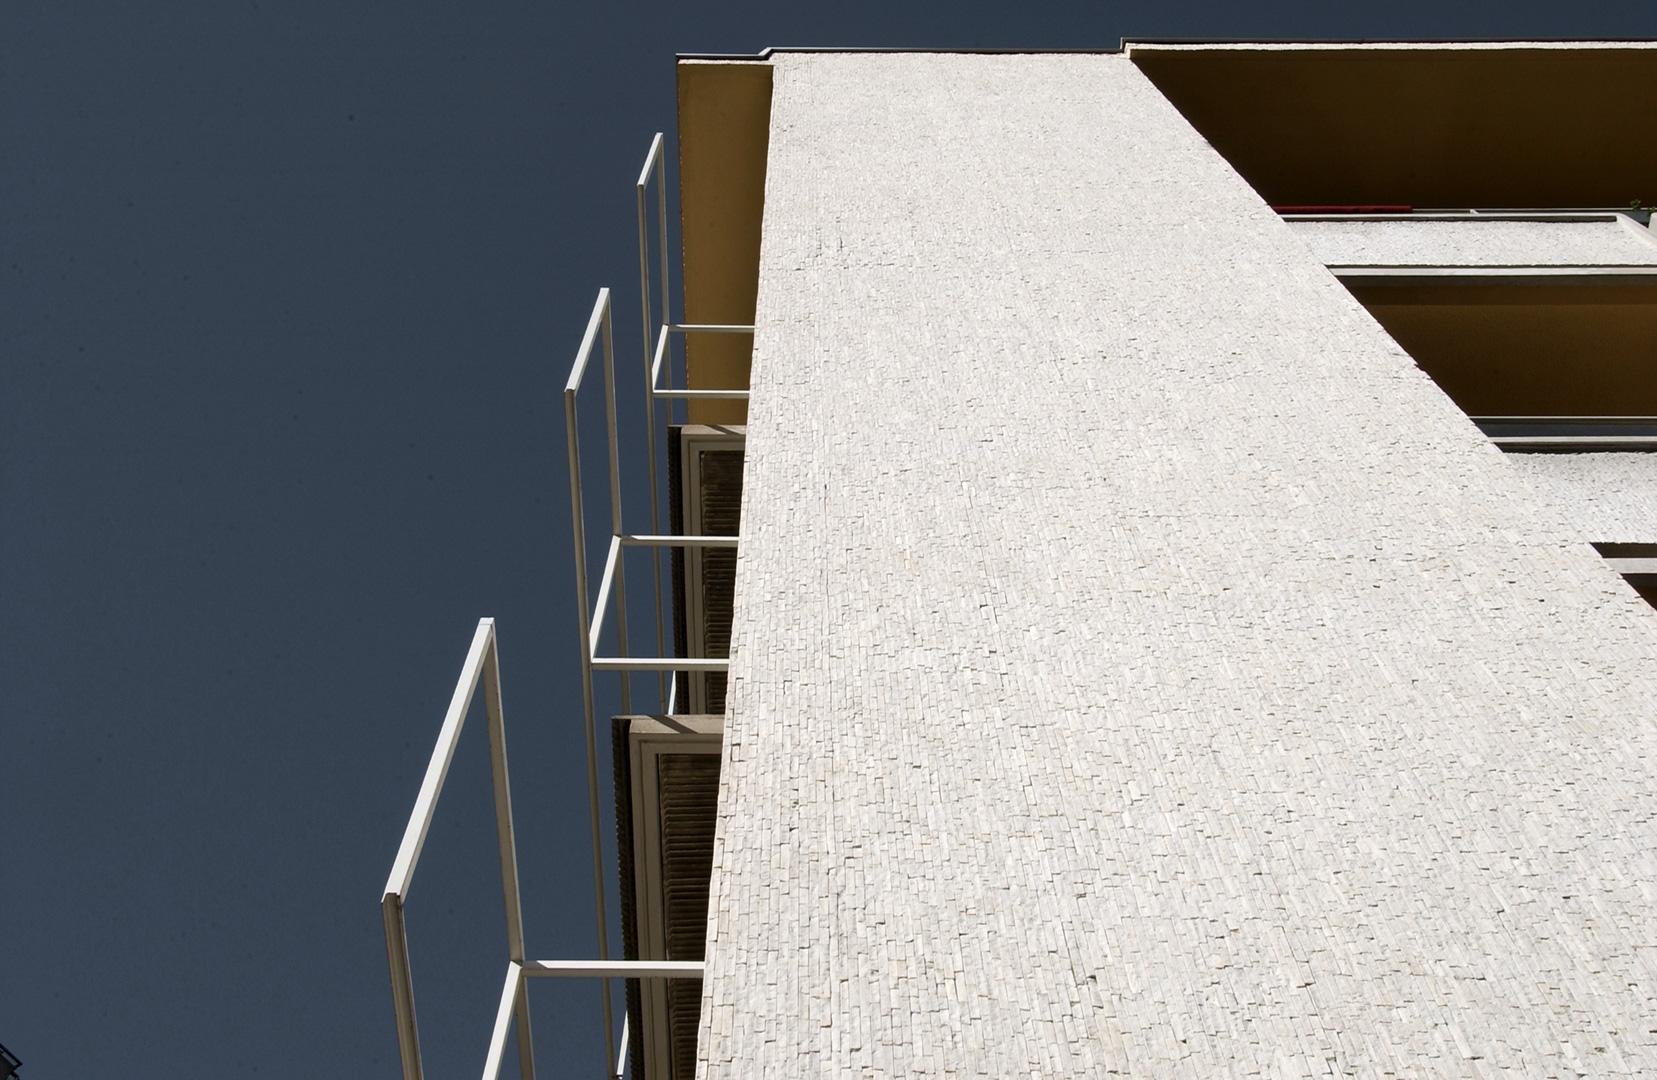 casa-giuliani-frigerio_01_DSC_5020